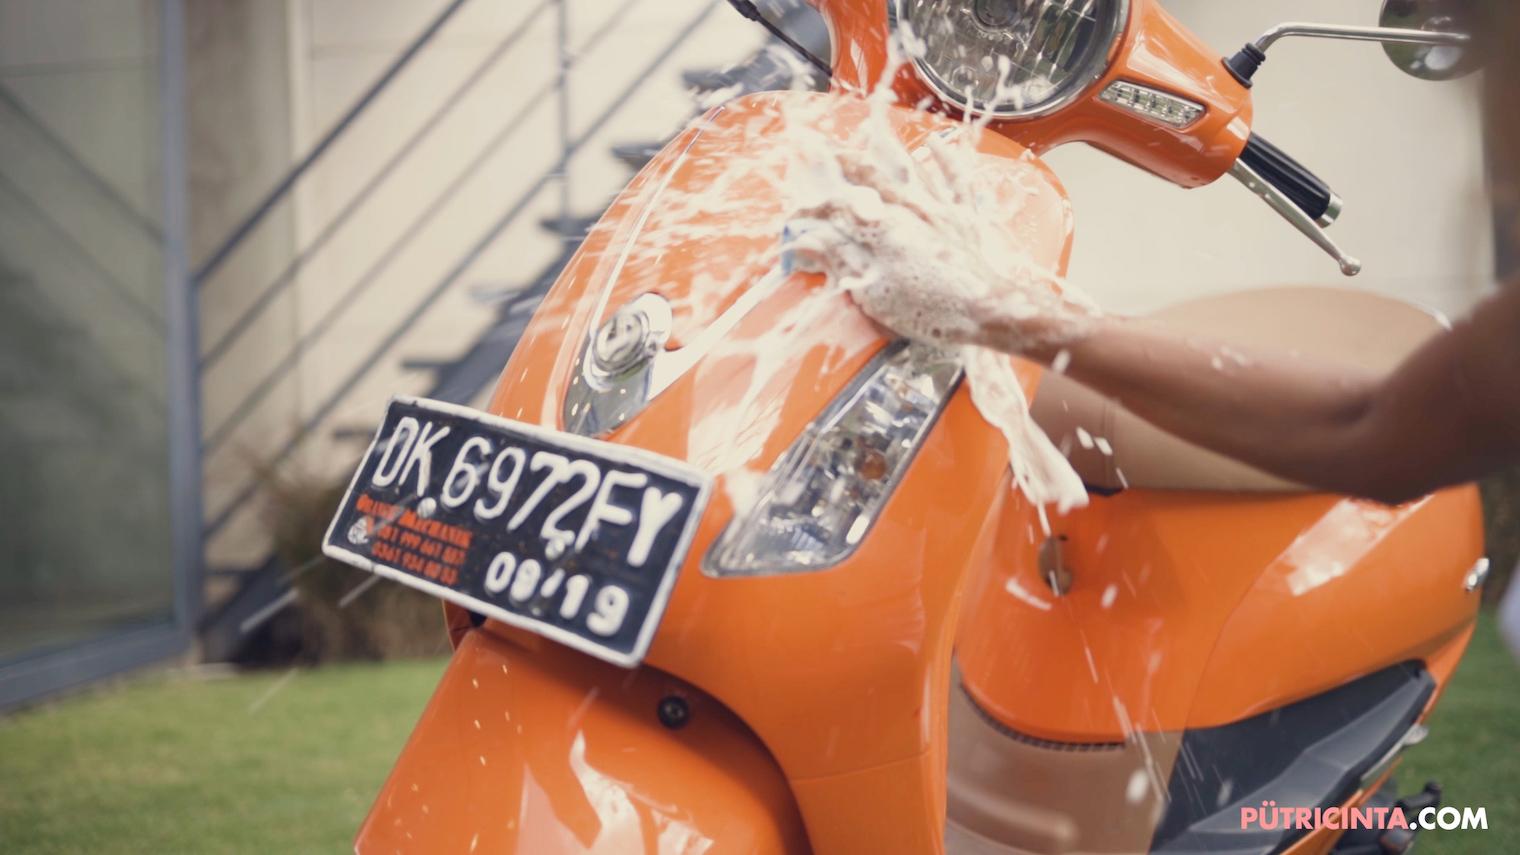 025-BikeWash-Putri-Cinta-Teaser-Stills-13.jpg